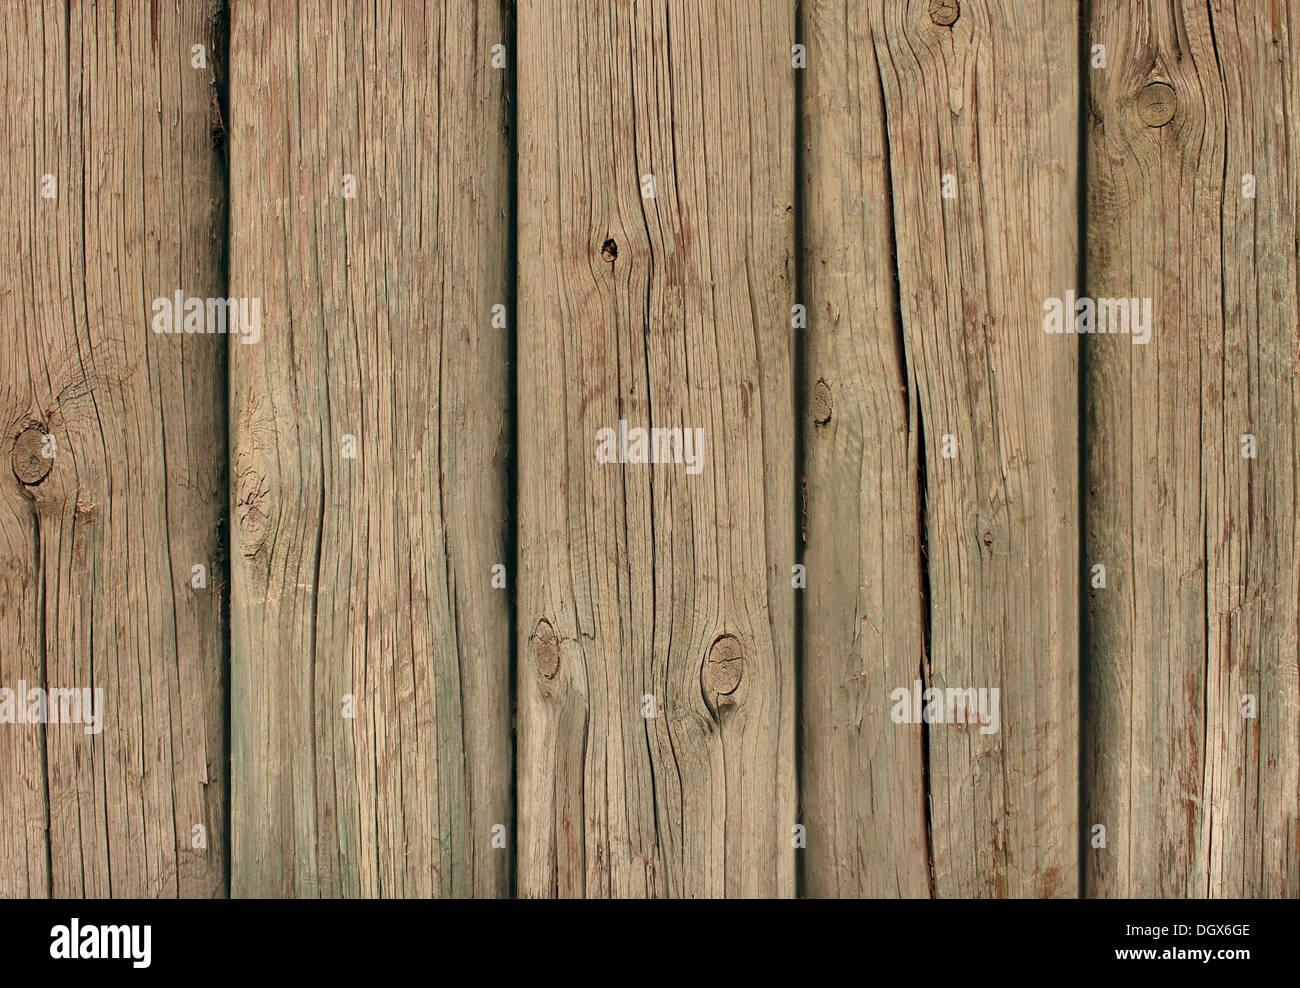 Antiguo fondo madera desgastada con gruesos troncos de árboles cortados como grunge angustiado antiguo de tablones en un patrón vertical edad Imagen De Stock